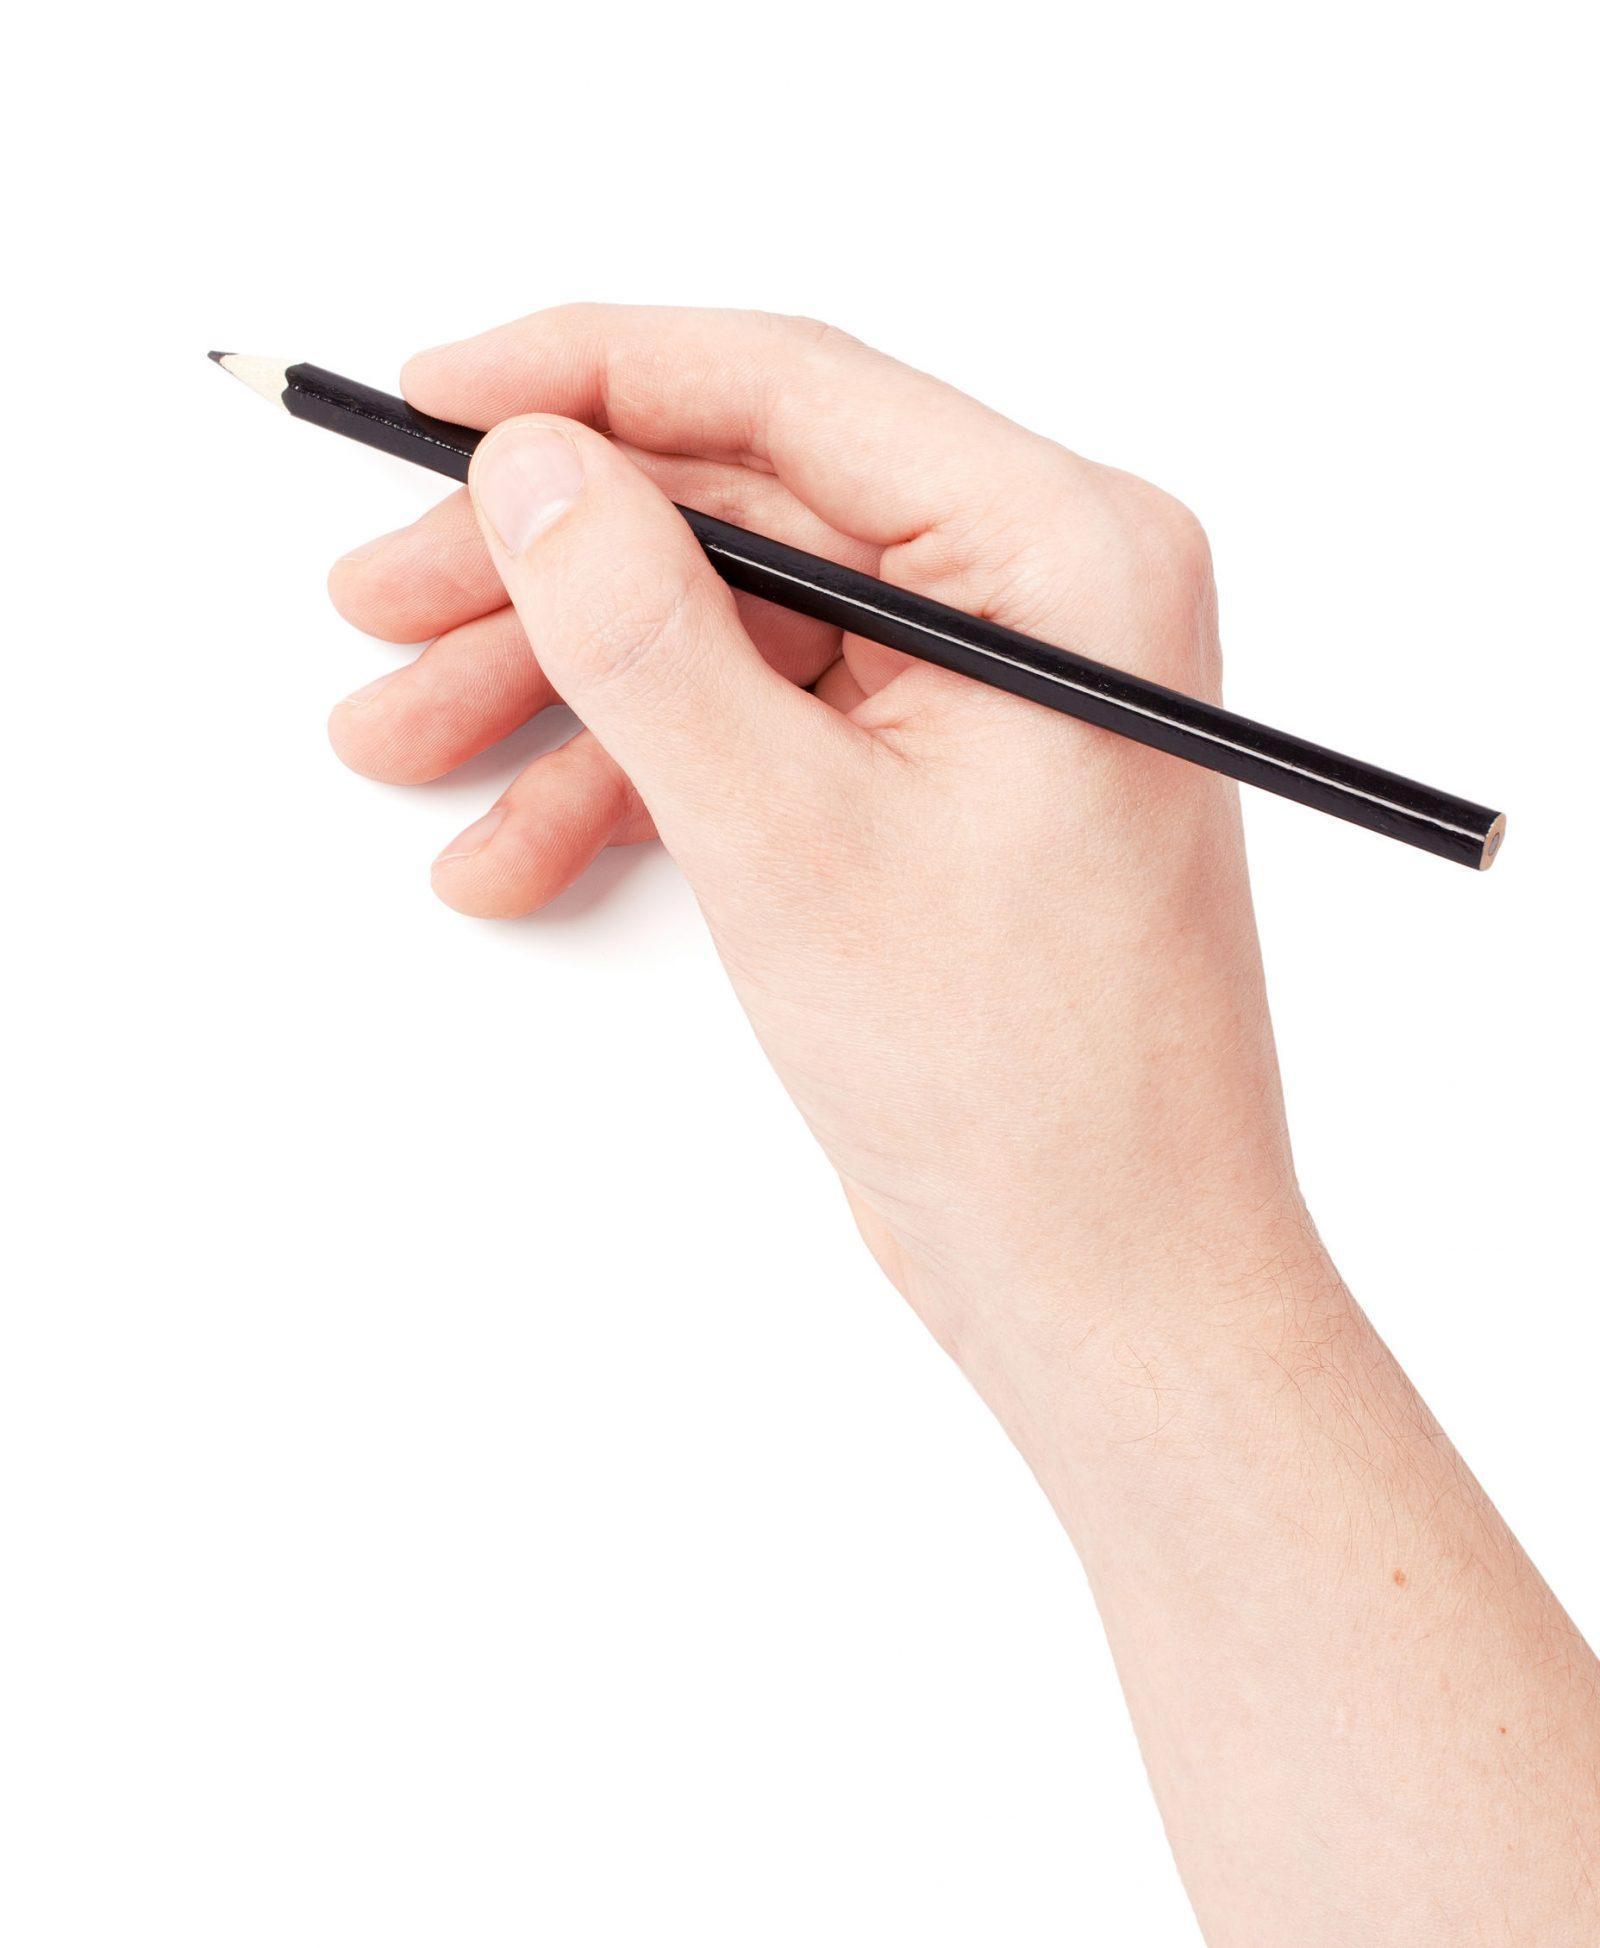 dibujar trazos y figuras